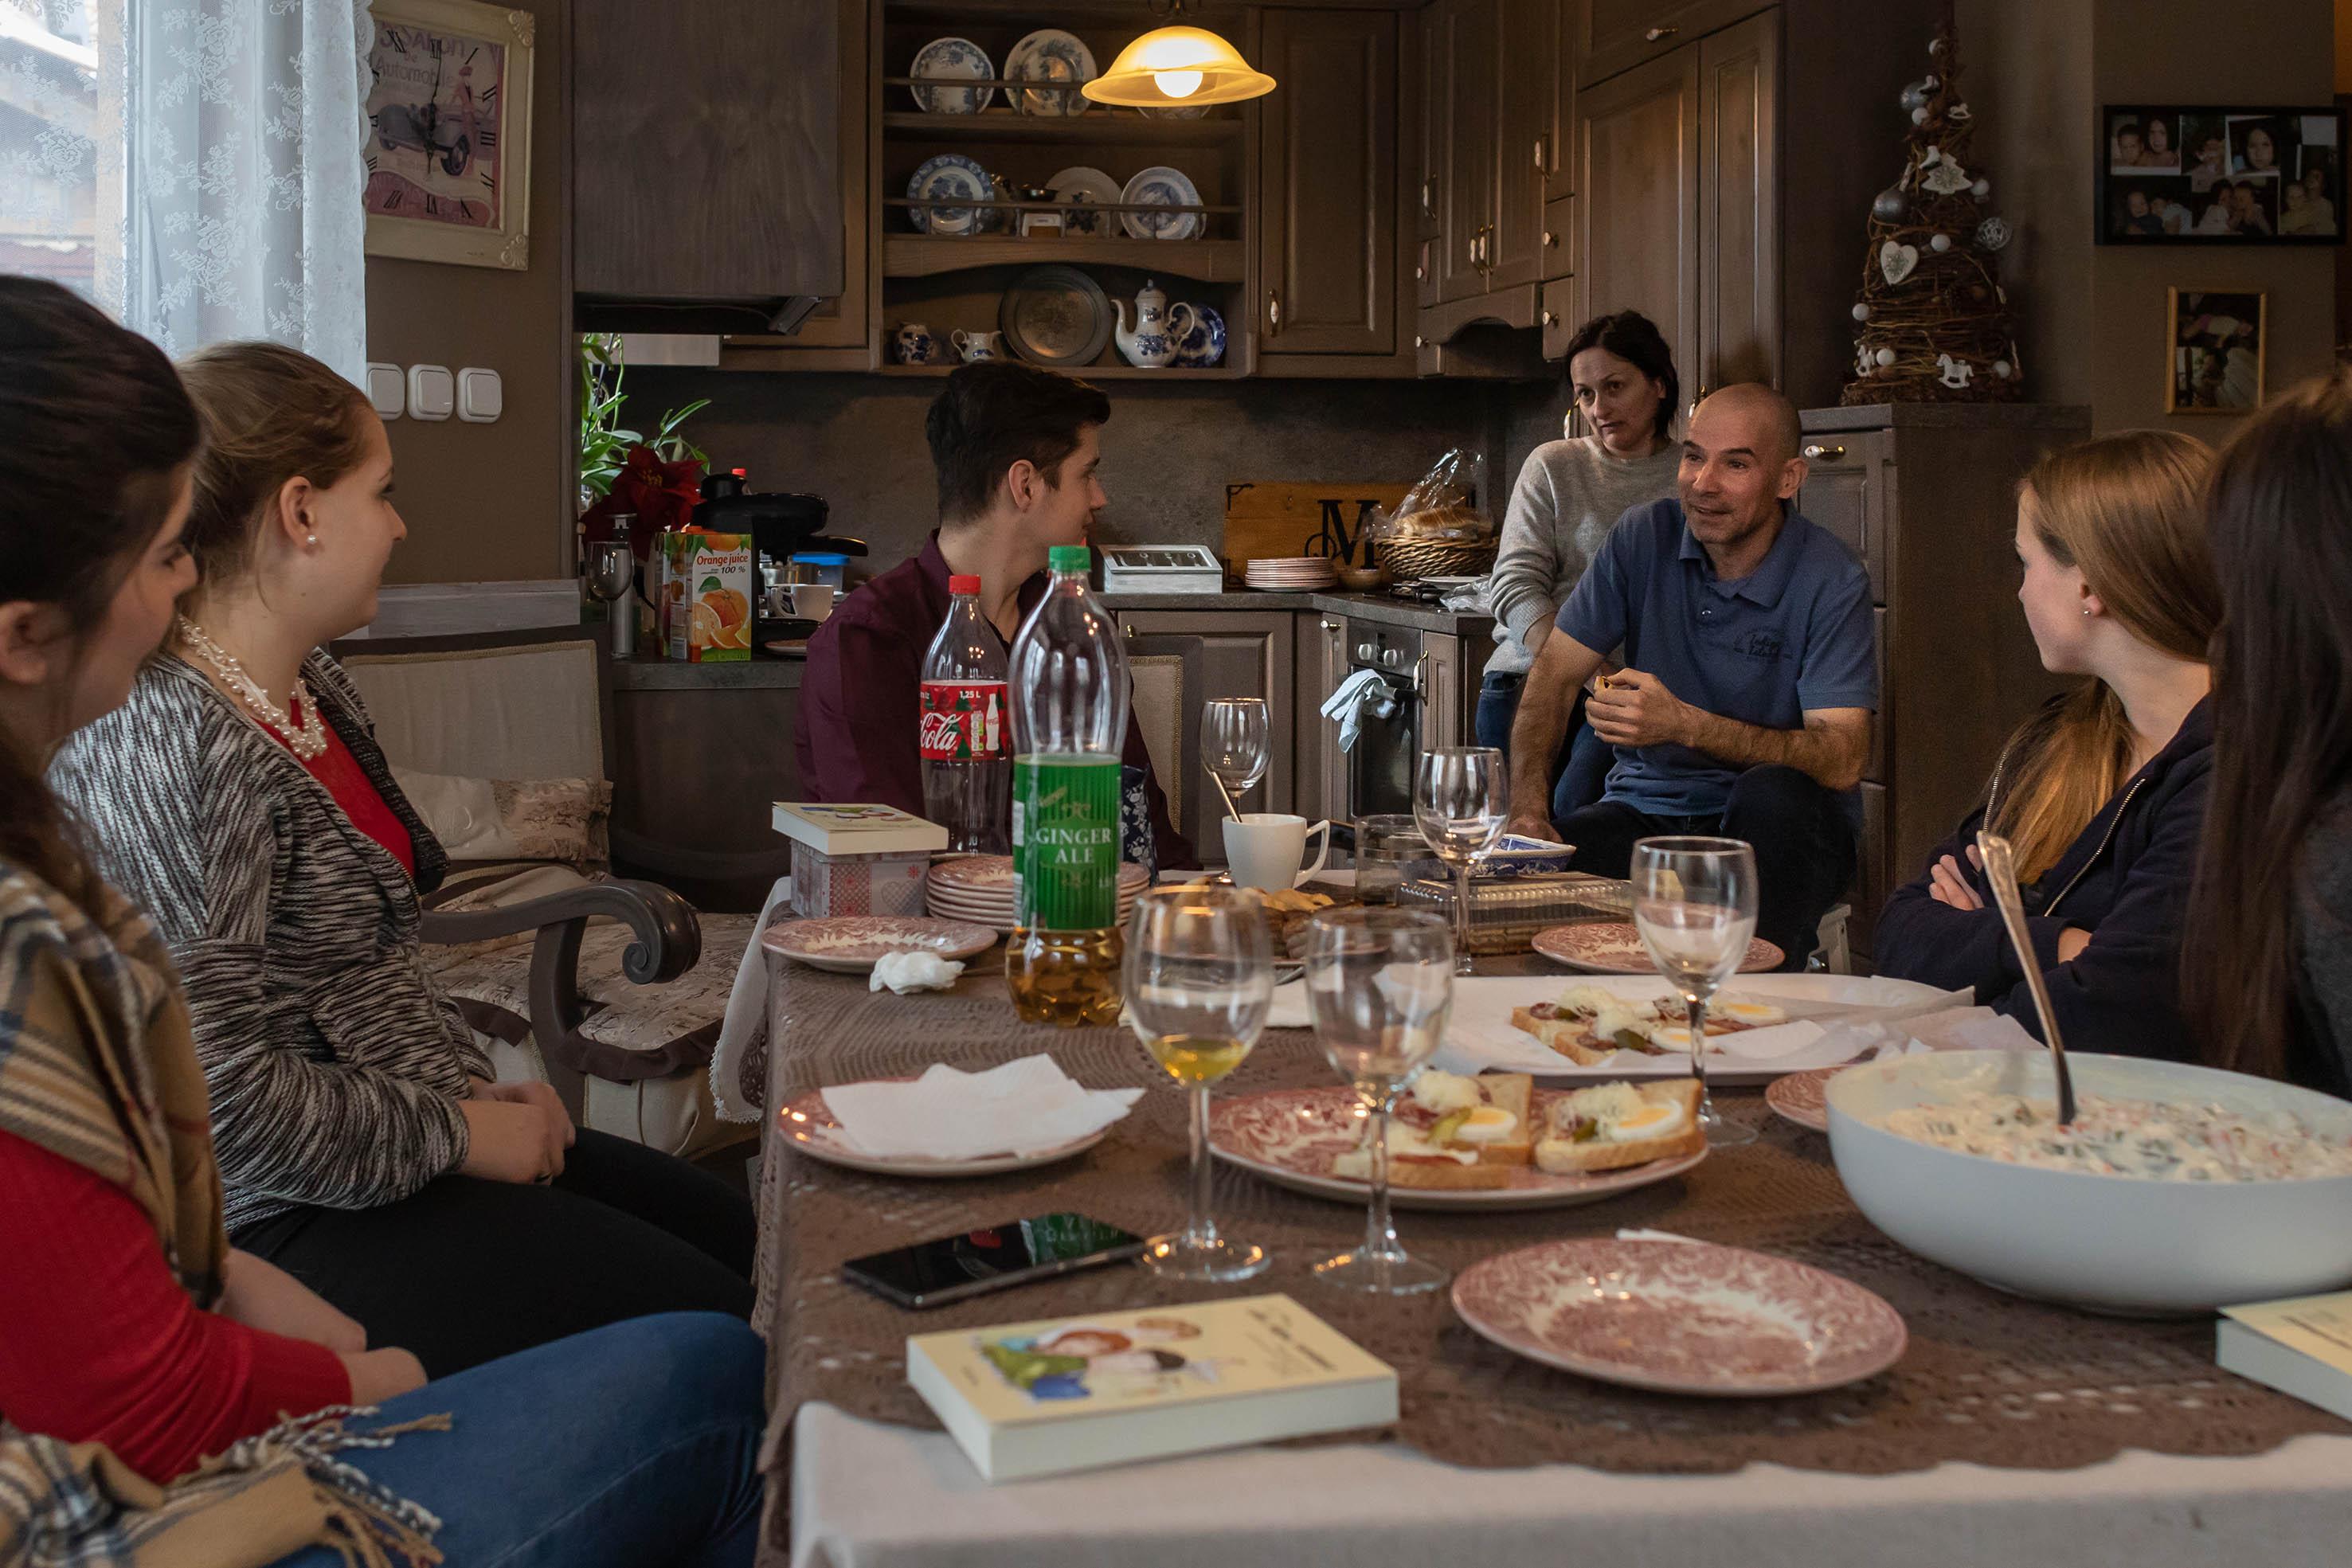 Sári barátai minden karácsonykor meglátogatják a családot. Ilyenkor mesélnek arról, hogy kivel, mi történt az év folyamán.<br /><br />Fotó: Kovács Bea / Magyar Sajtófotó Pályázat